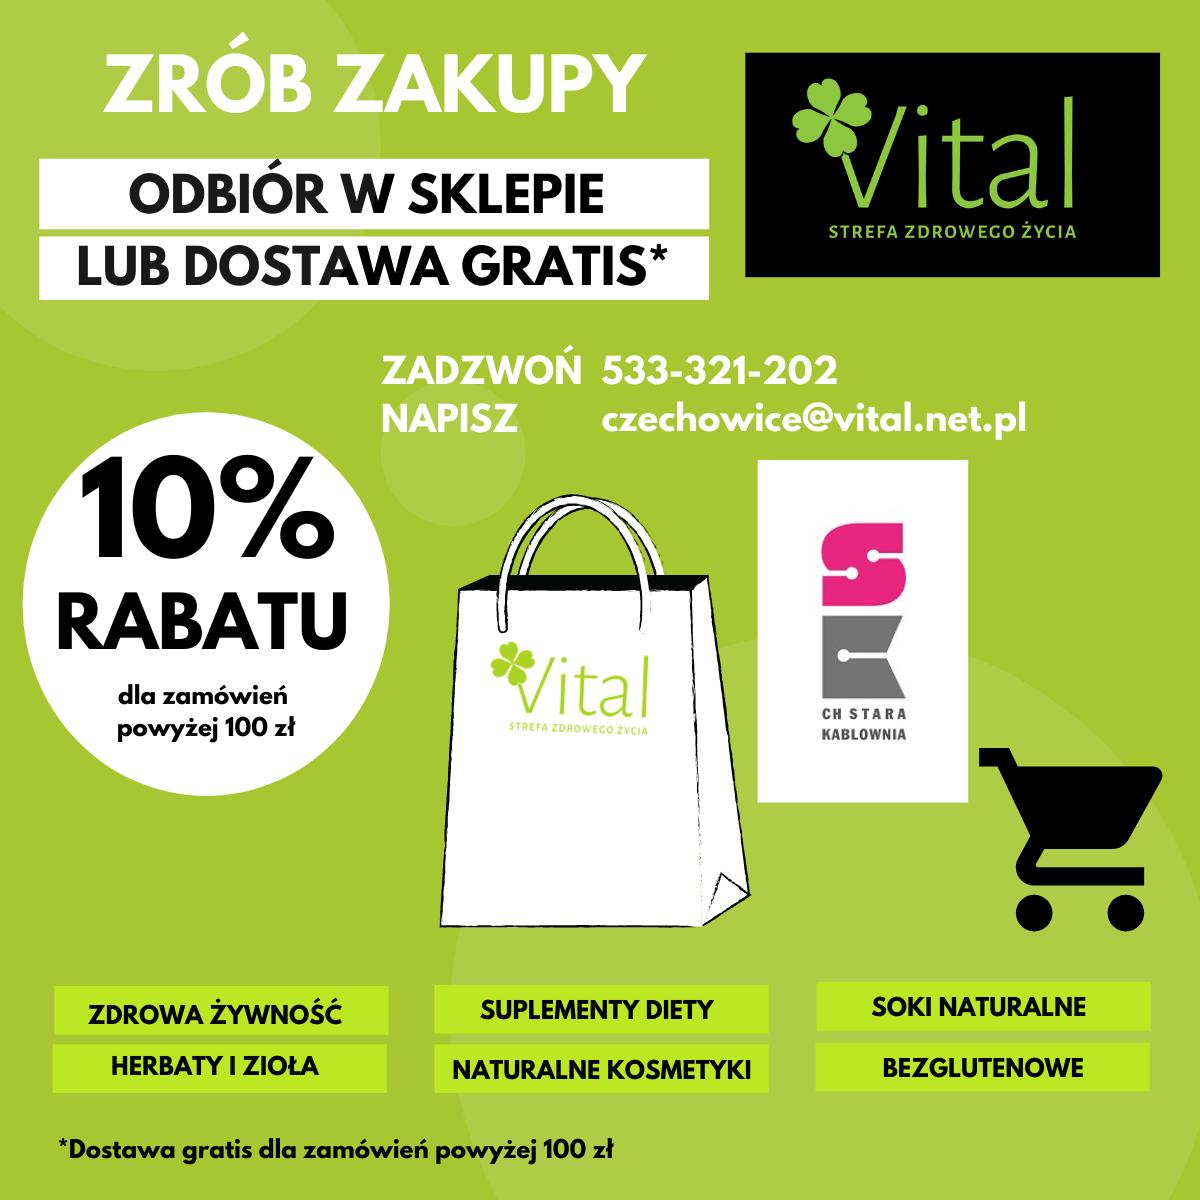 Vital – odbiór w sklepie lub dostawa